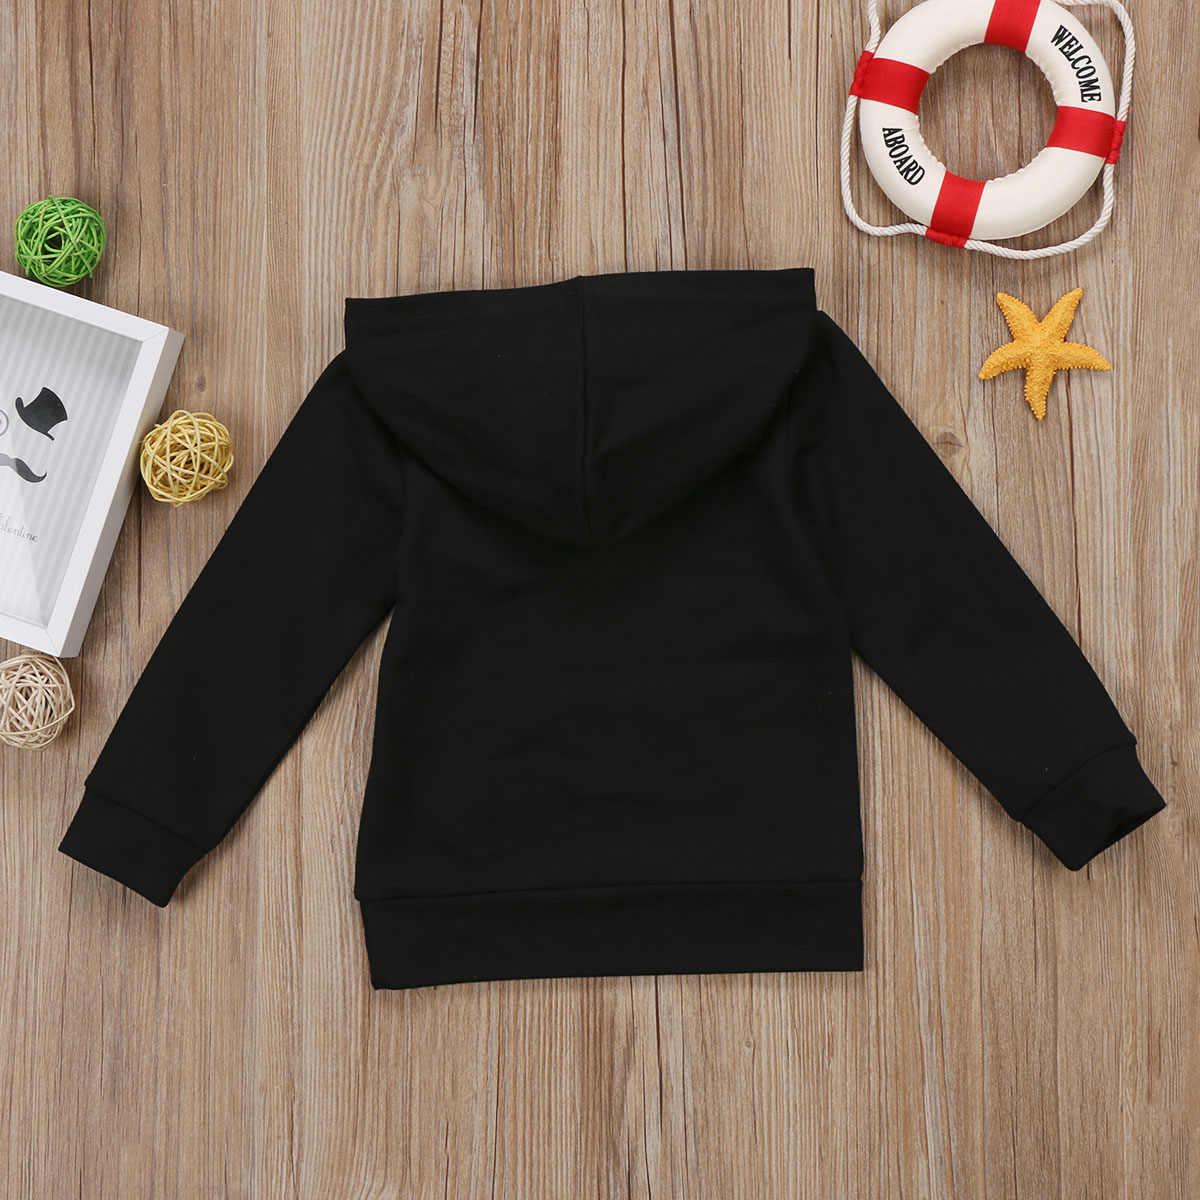 แฟชั่นเด็กวัยหัดเดินทารกแรกเกิดเด็กทารกเด็ก Hoodie เสื้อ Hooded Sweatshirt กลางแจ้ง 0-5 ครั้งเด็กทารกตัวอักษร Hoody เสื้อเหงื่อ